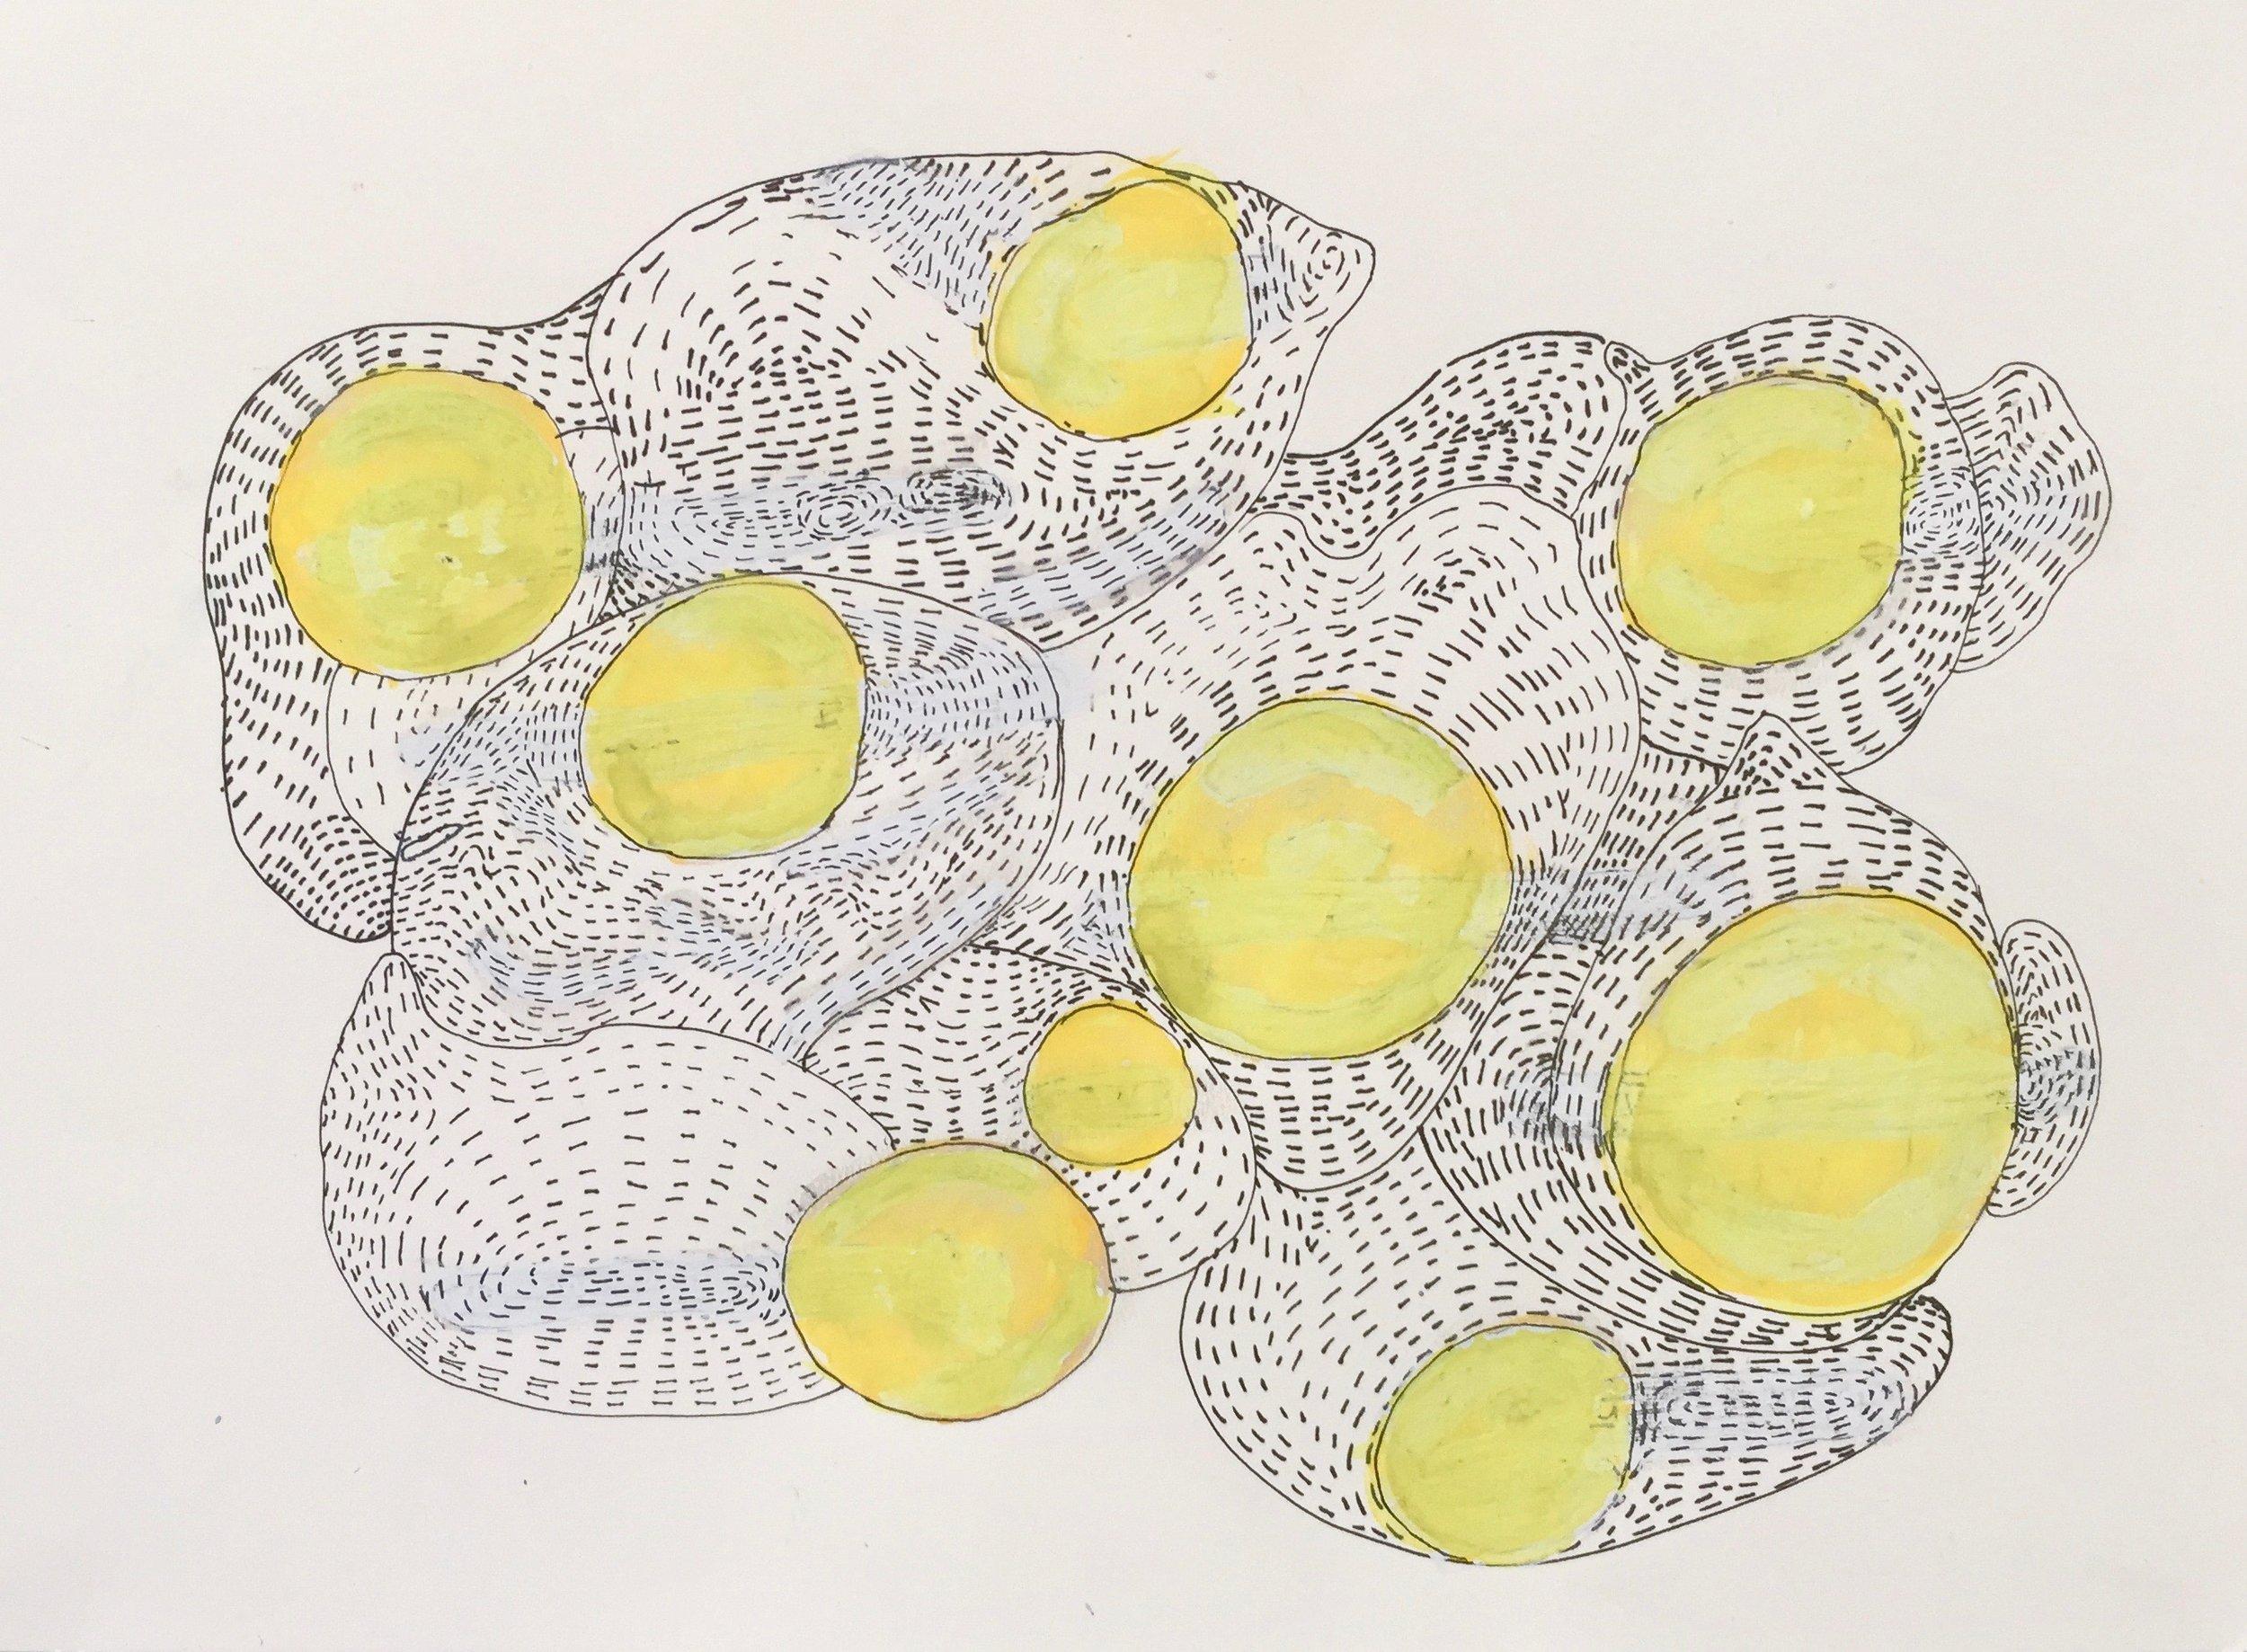 Cristina Barroso, Democracy, 2019 watercolour on paper 30x40 cm